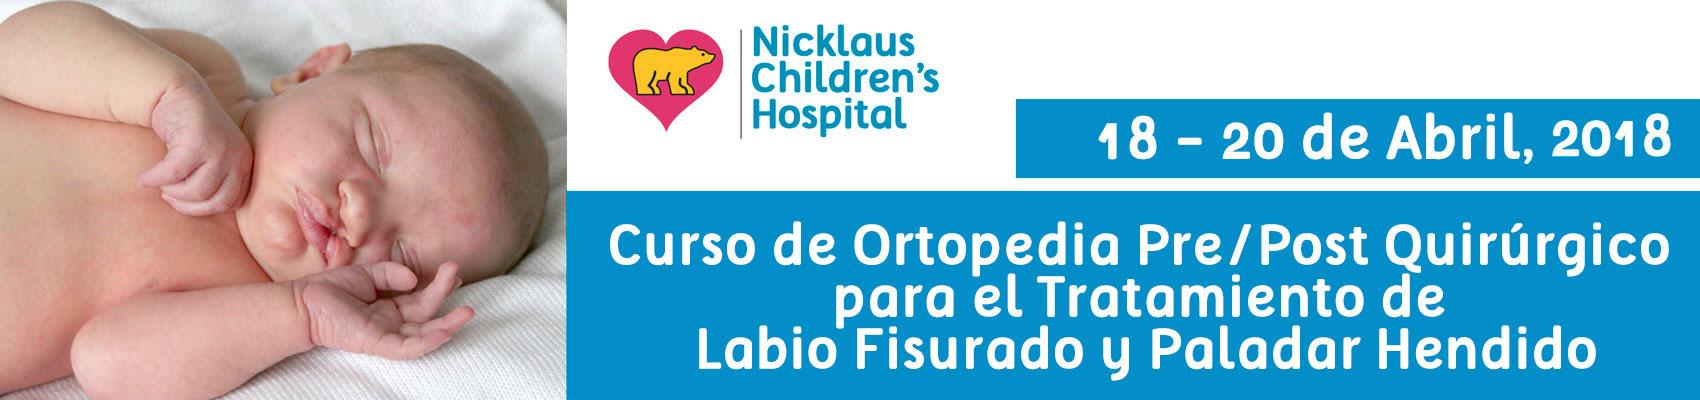 Curso de Ortopedia Pre/Post Quirúrgico para el Tratamiento de Labio ...